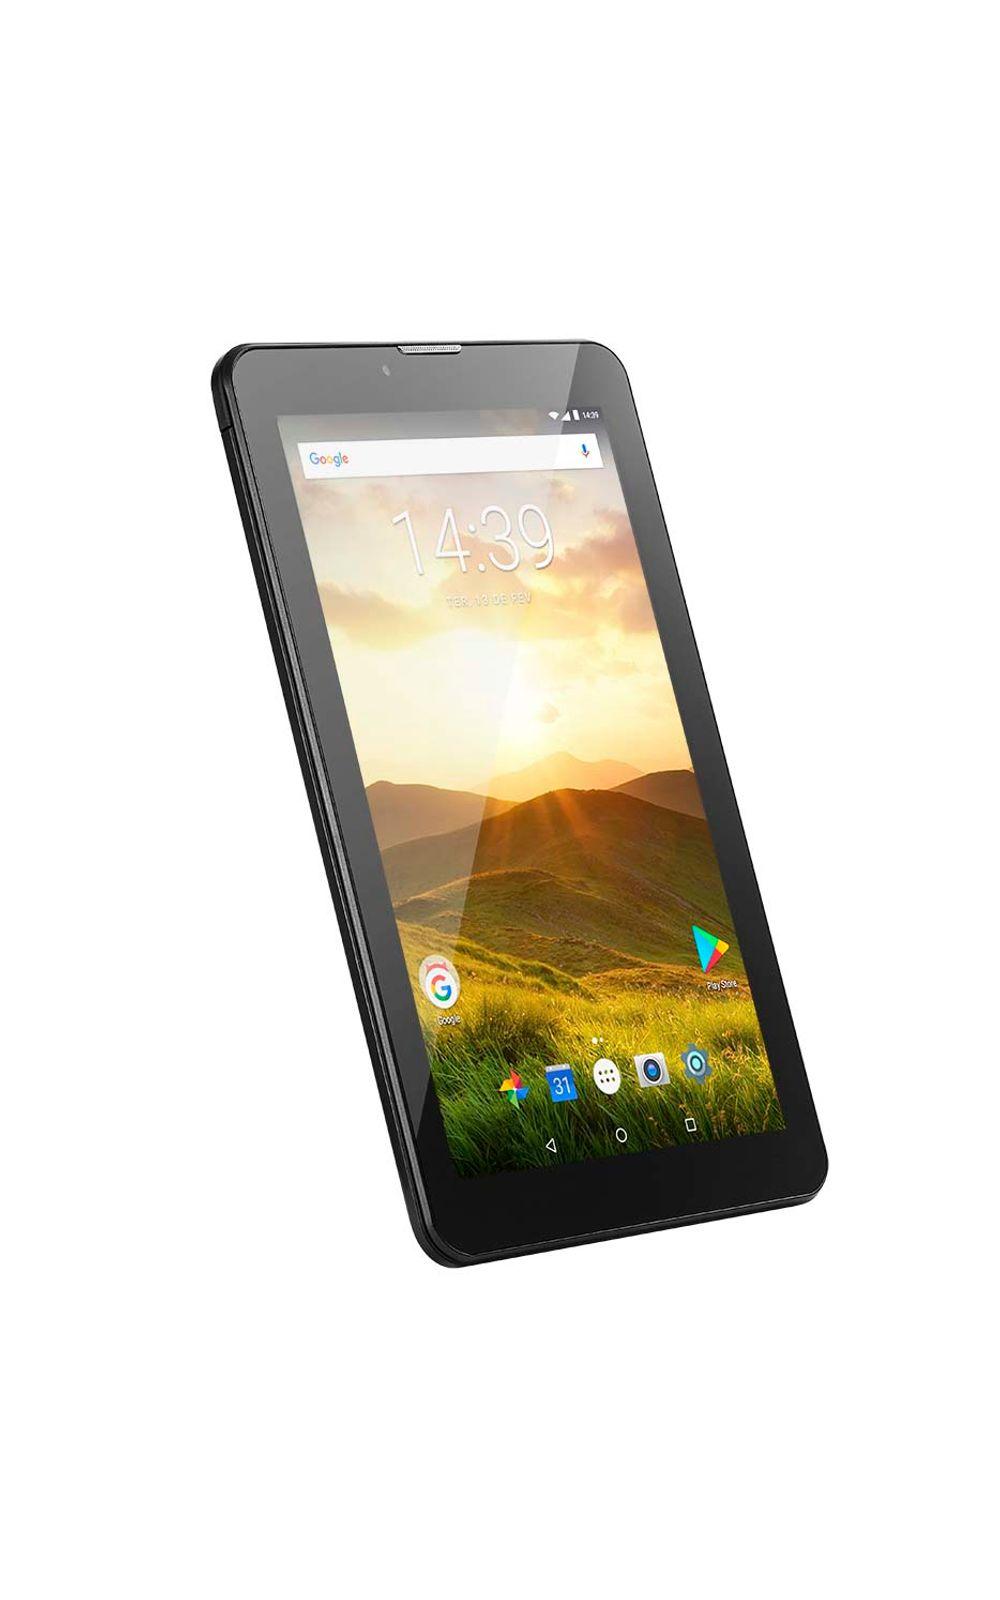 Foto 7 - Tablet Multilaser M7 4G Plus Quad Core 1GB 8GB Tela 7 Pol. Android Dual Câmera Preto - NB285